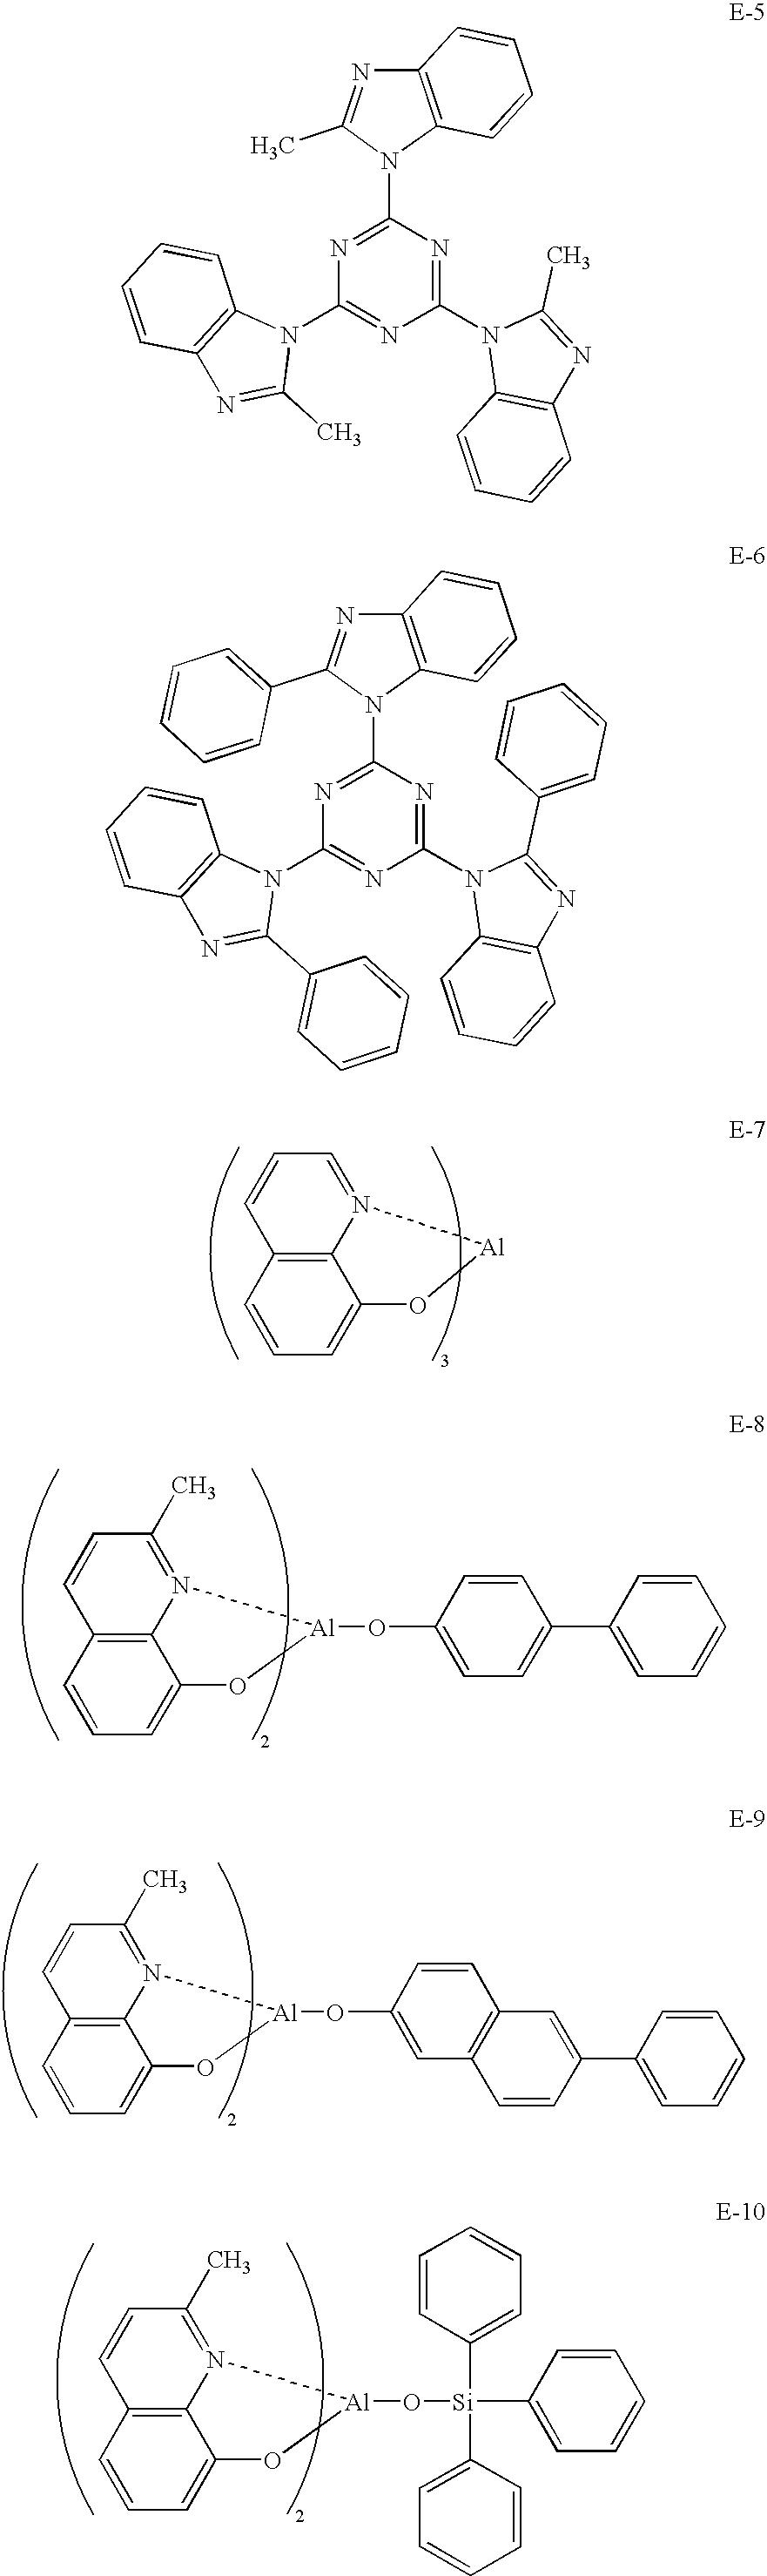 Figure US20060194076A1-20060831-C00010